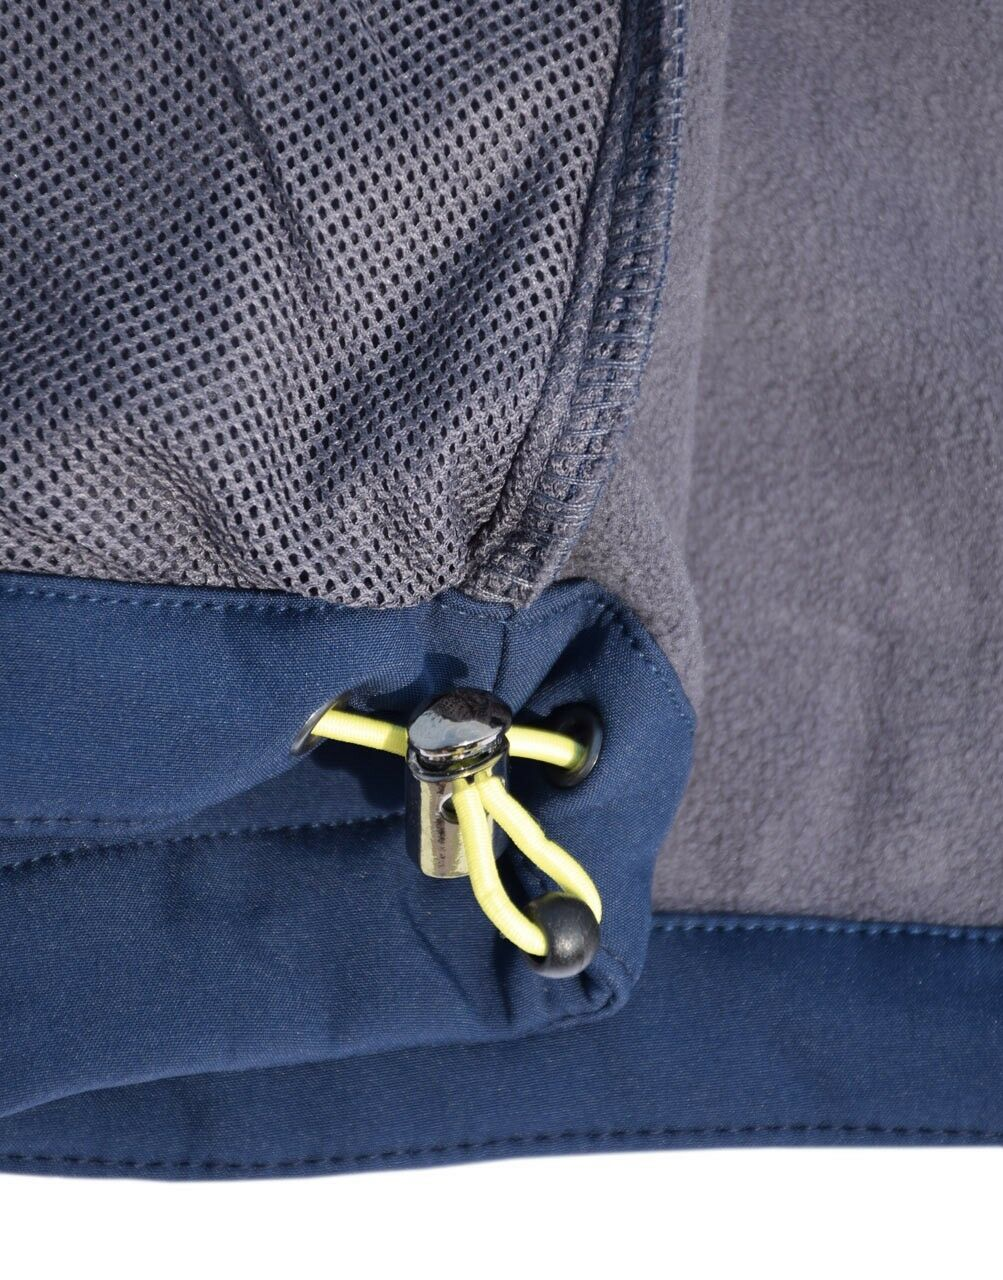 Toison aime les Jeux olympiques, la phrase d'or envoie envoie envoie un cadeau Dry Fashion Hommes softshell parka Hambourg respirant le vent-waserabweisend 65ab50